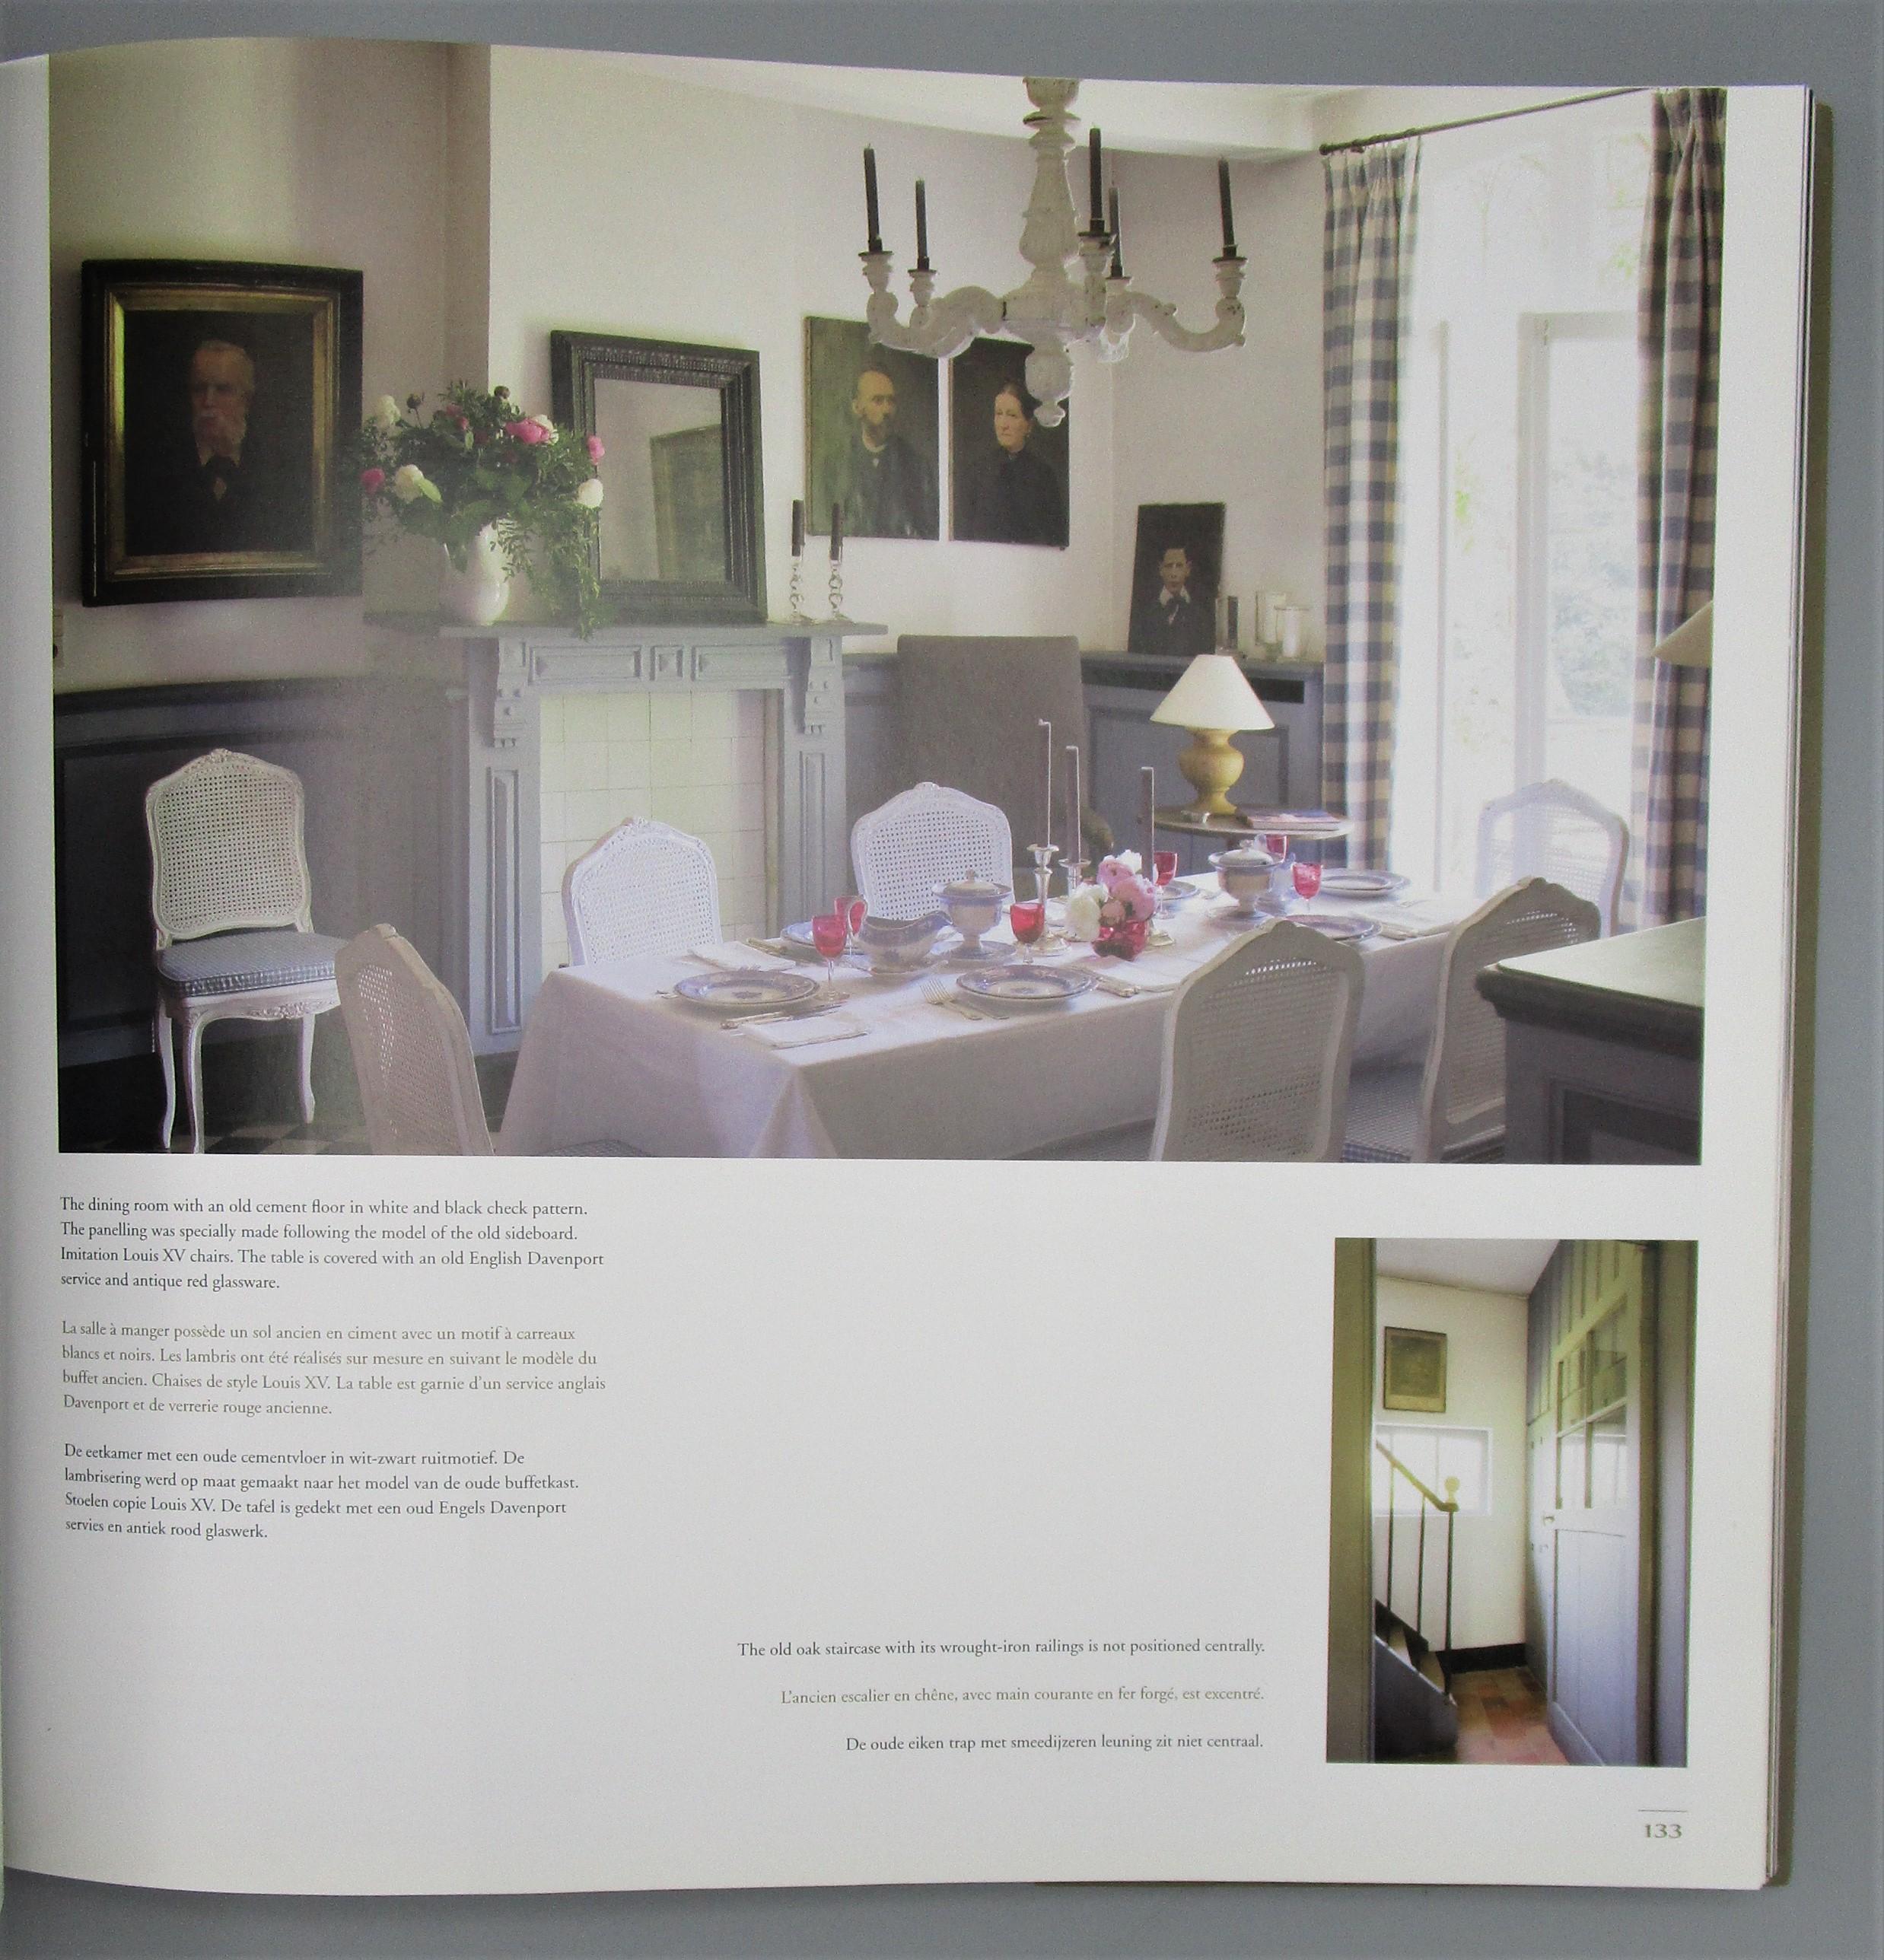 Rampe D Escalier Traduction Anglais farmhouses & homesteads,wim pauwels - 2005